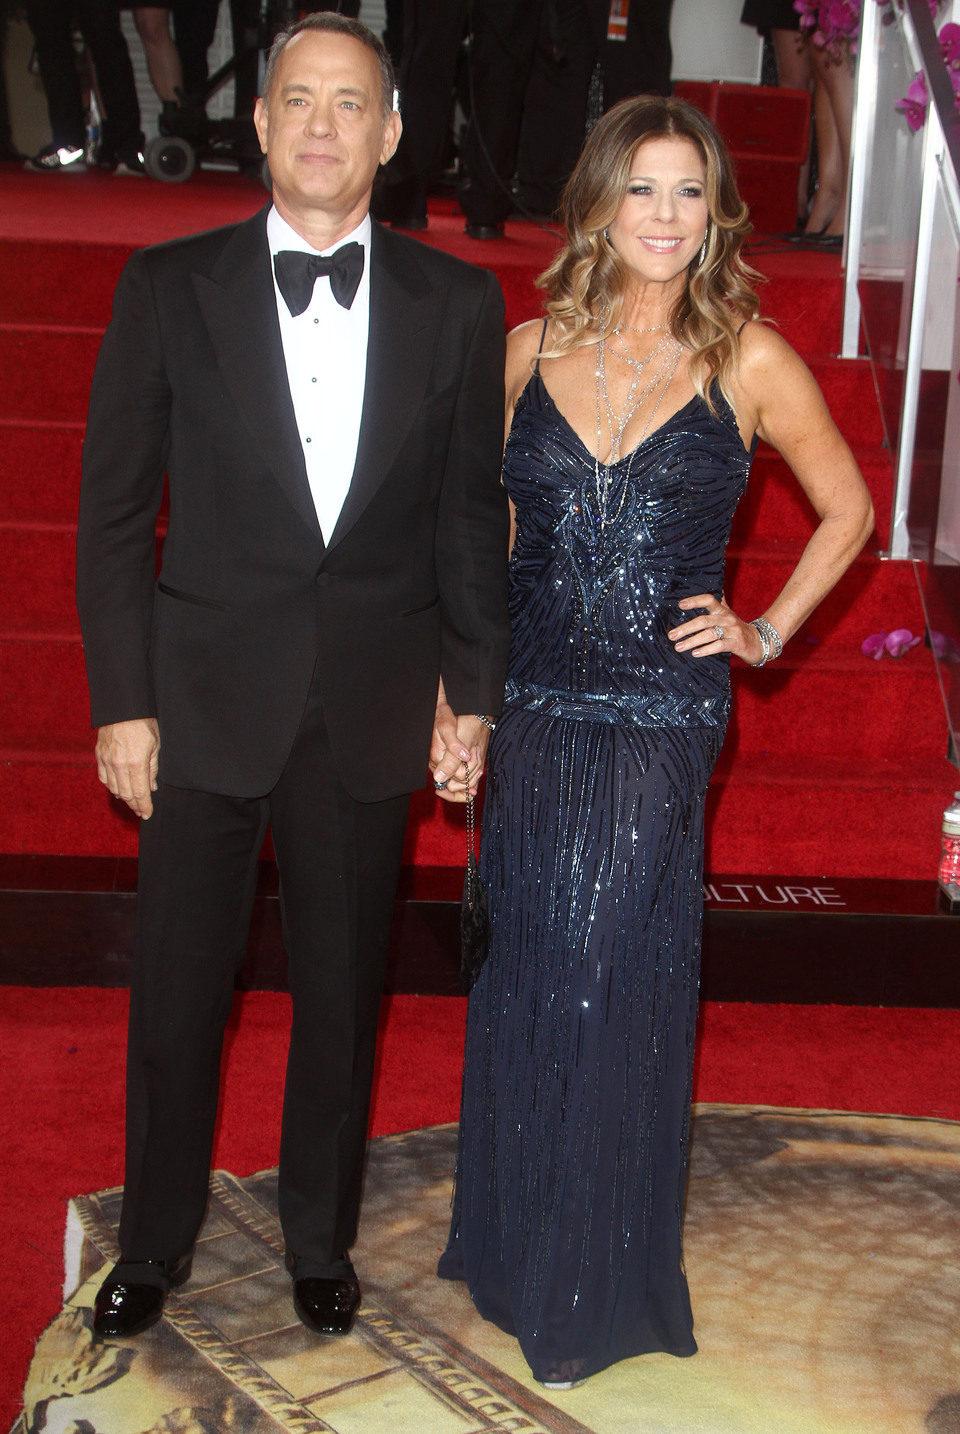 Tom Hanks en los Globos de Oro 2014